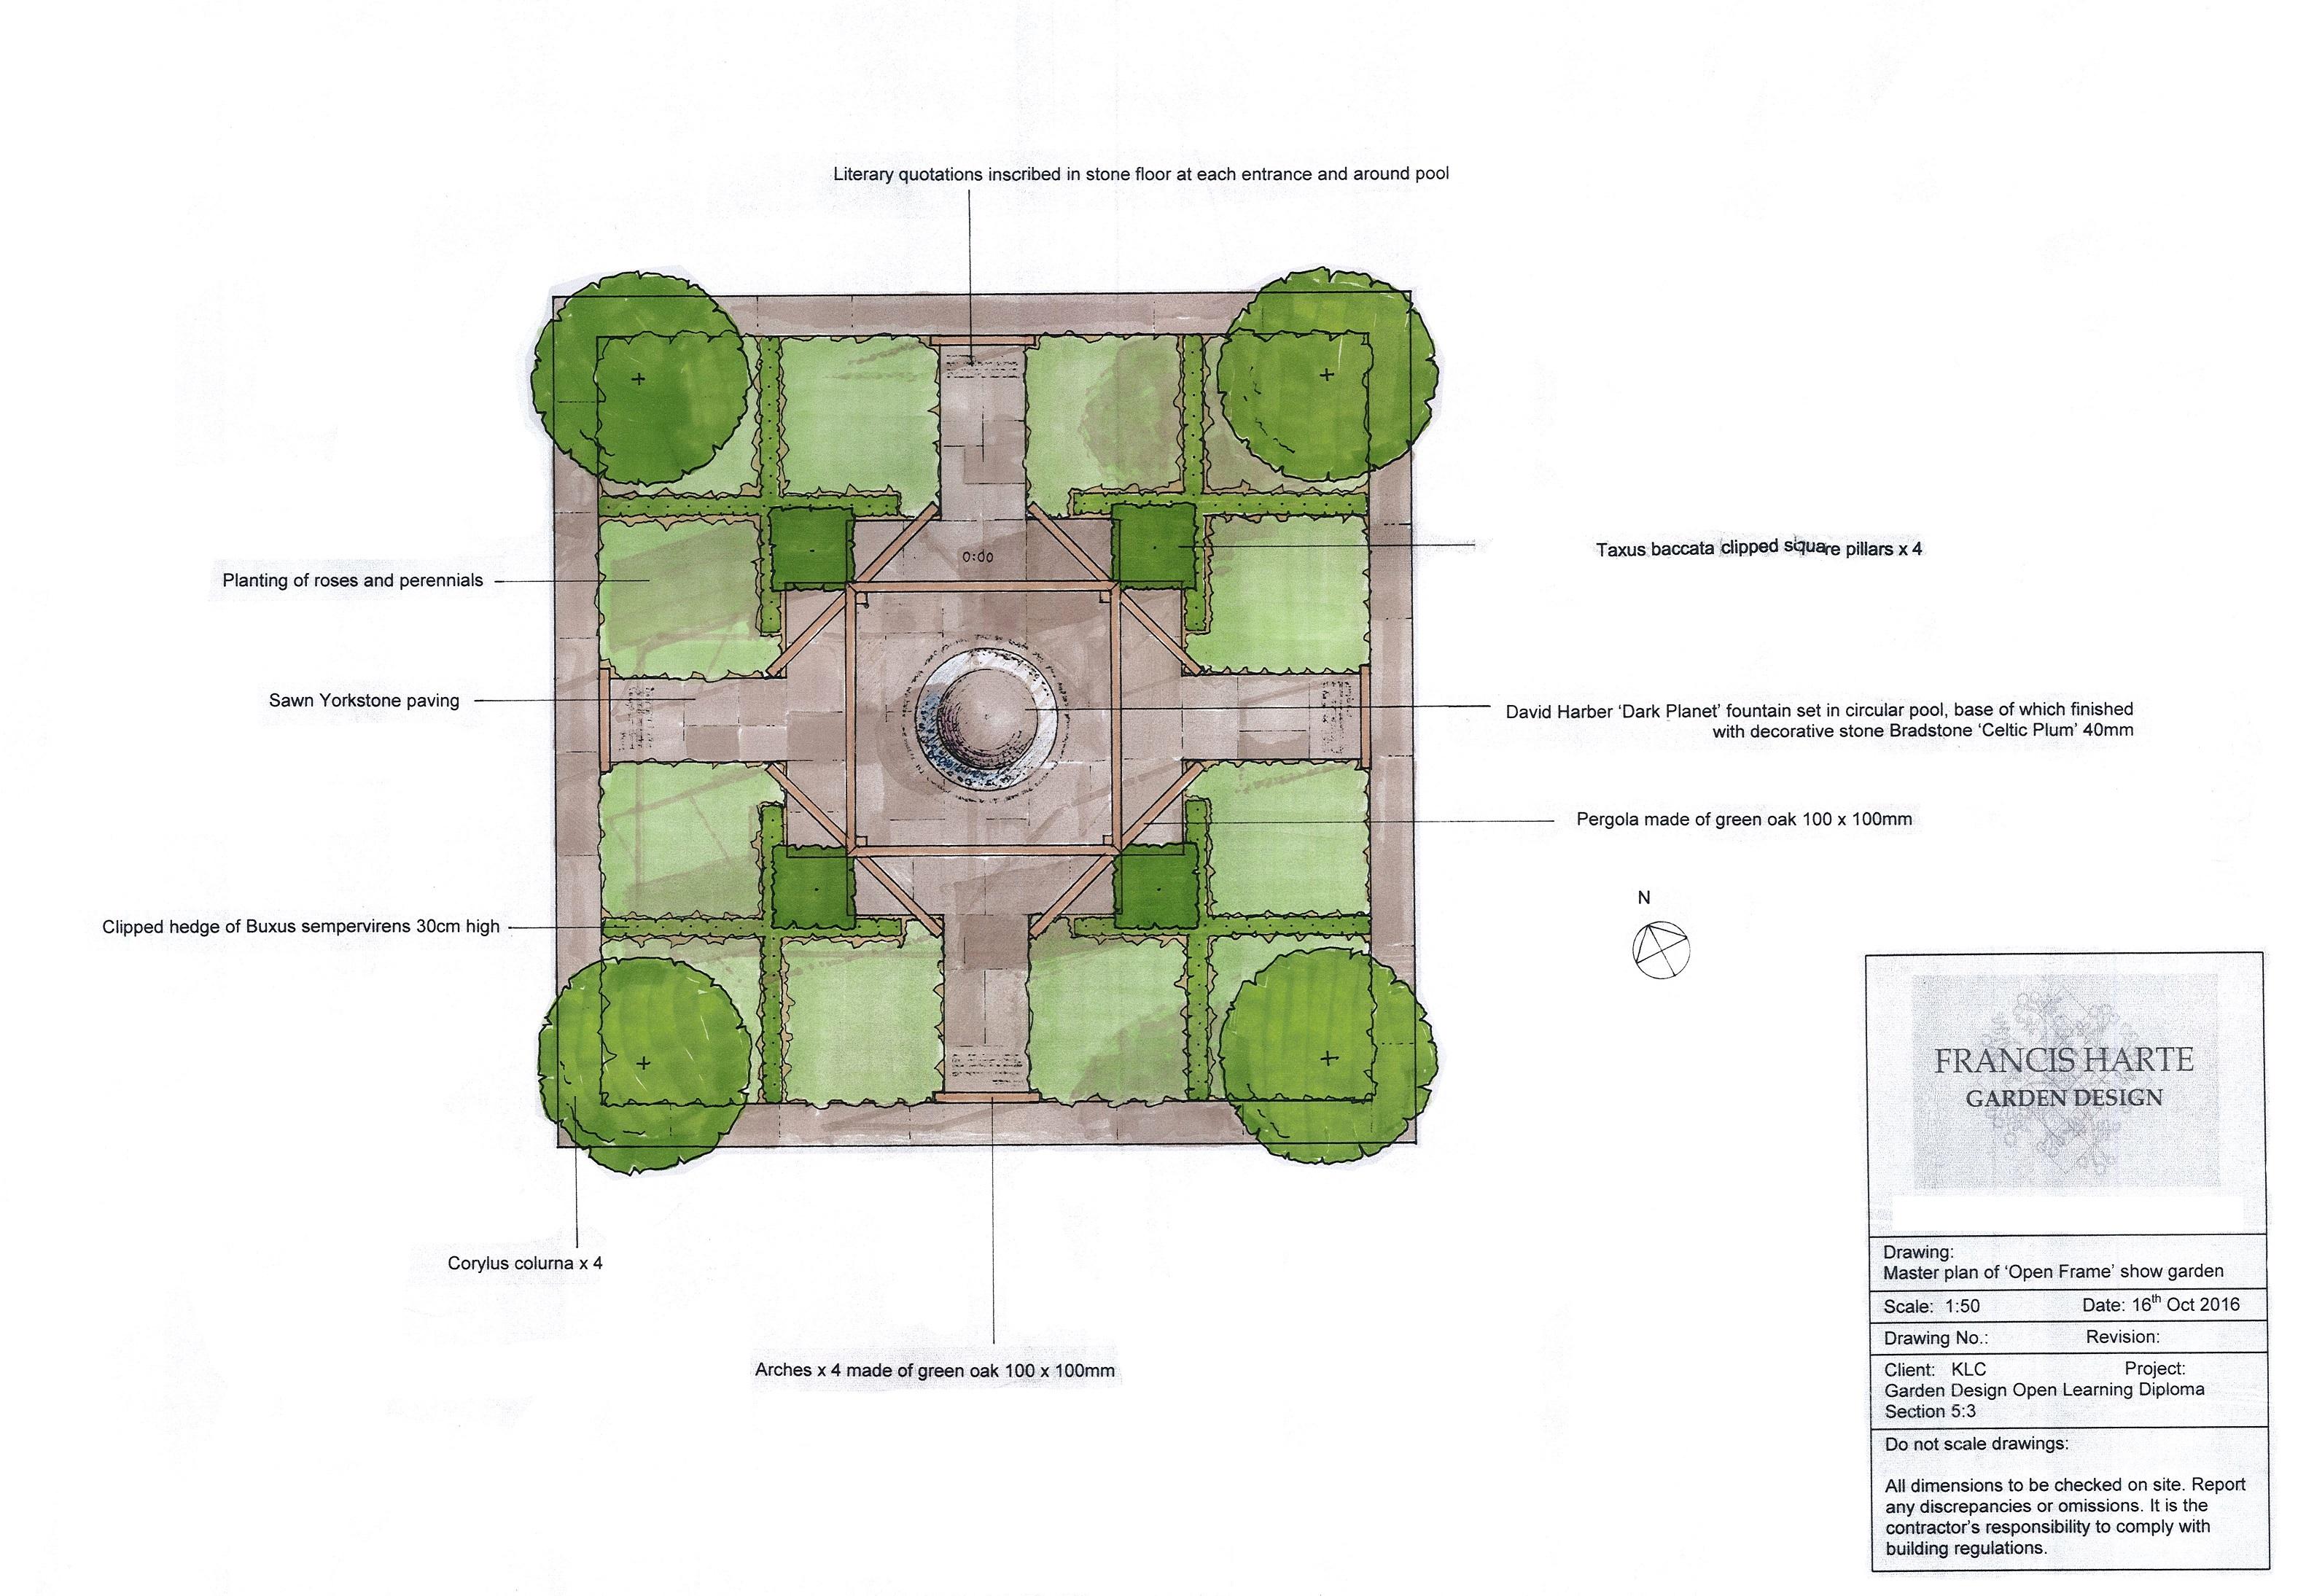 5.3 Show Garden Master Plan by Francis Harte